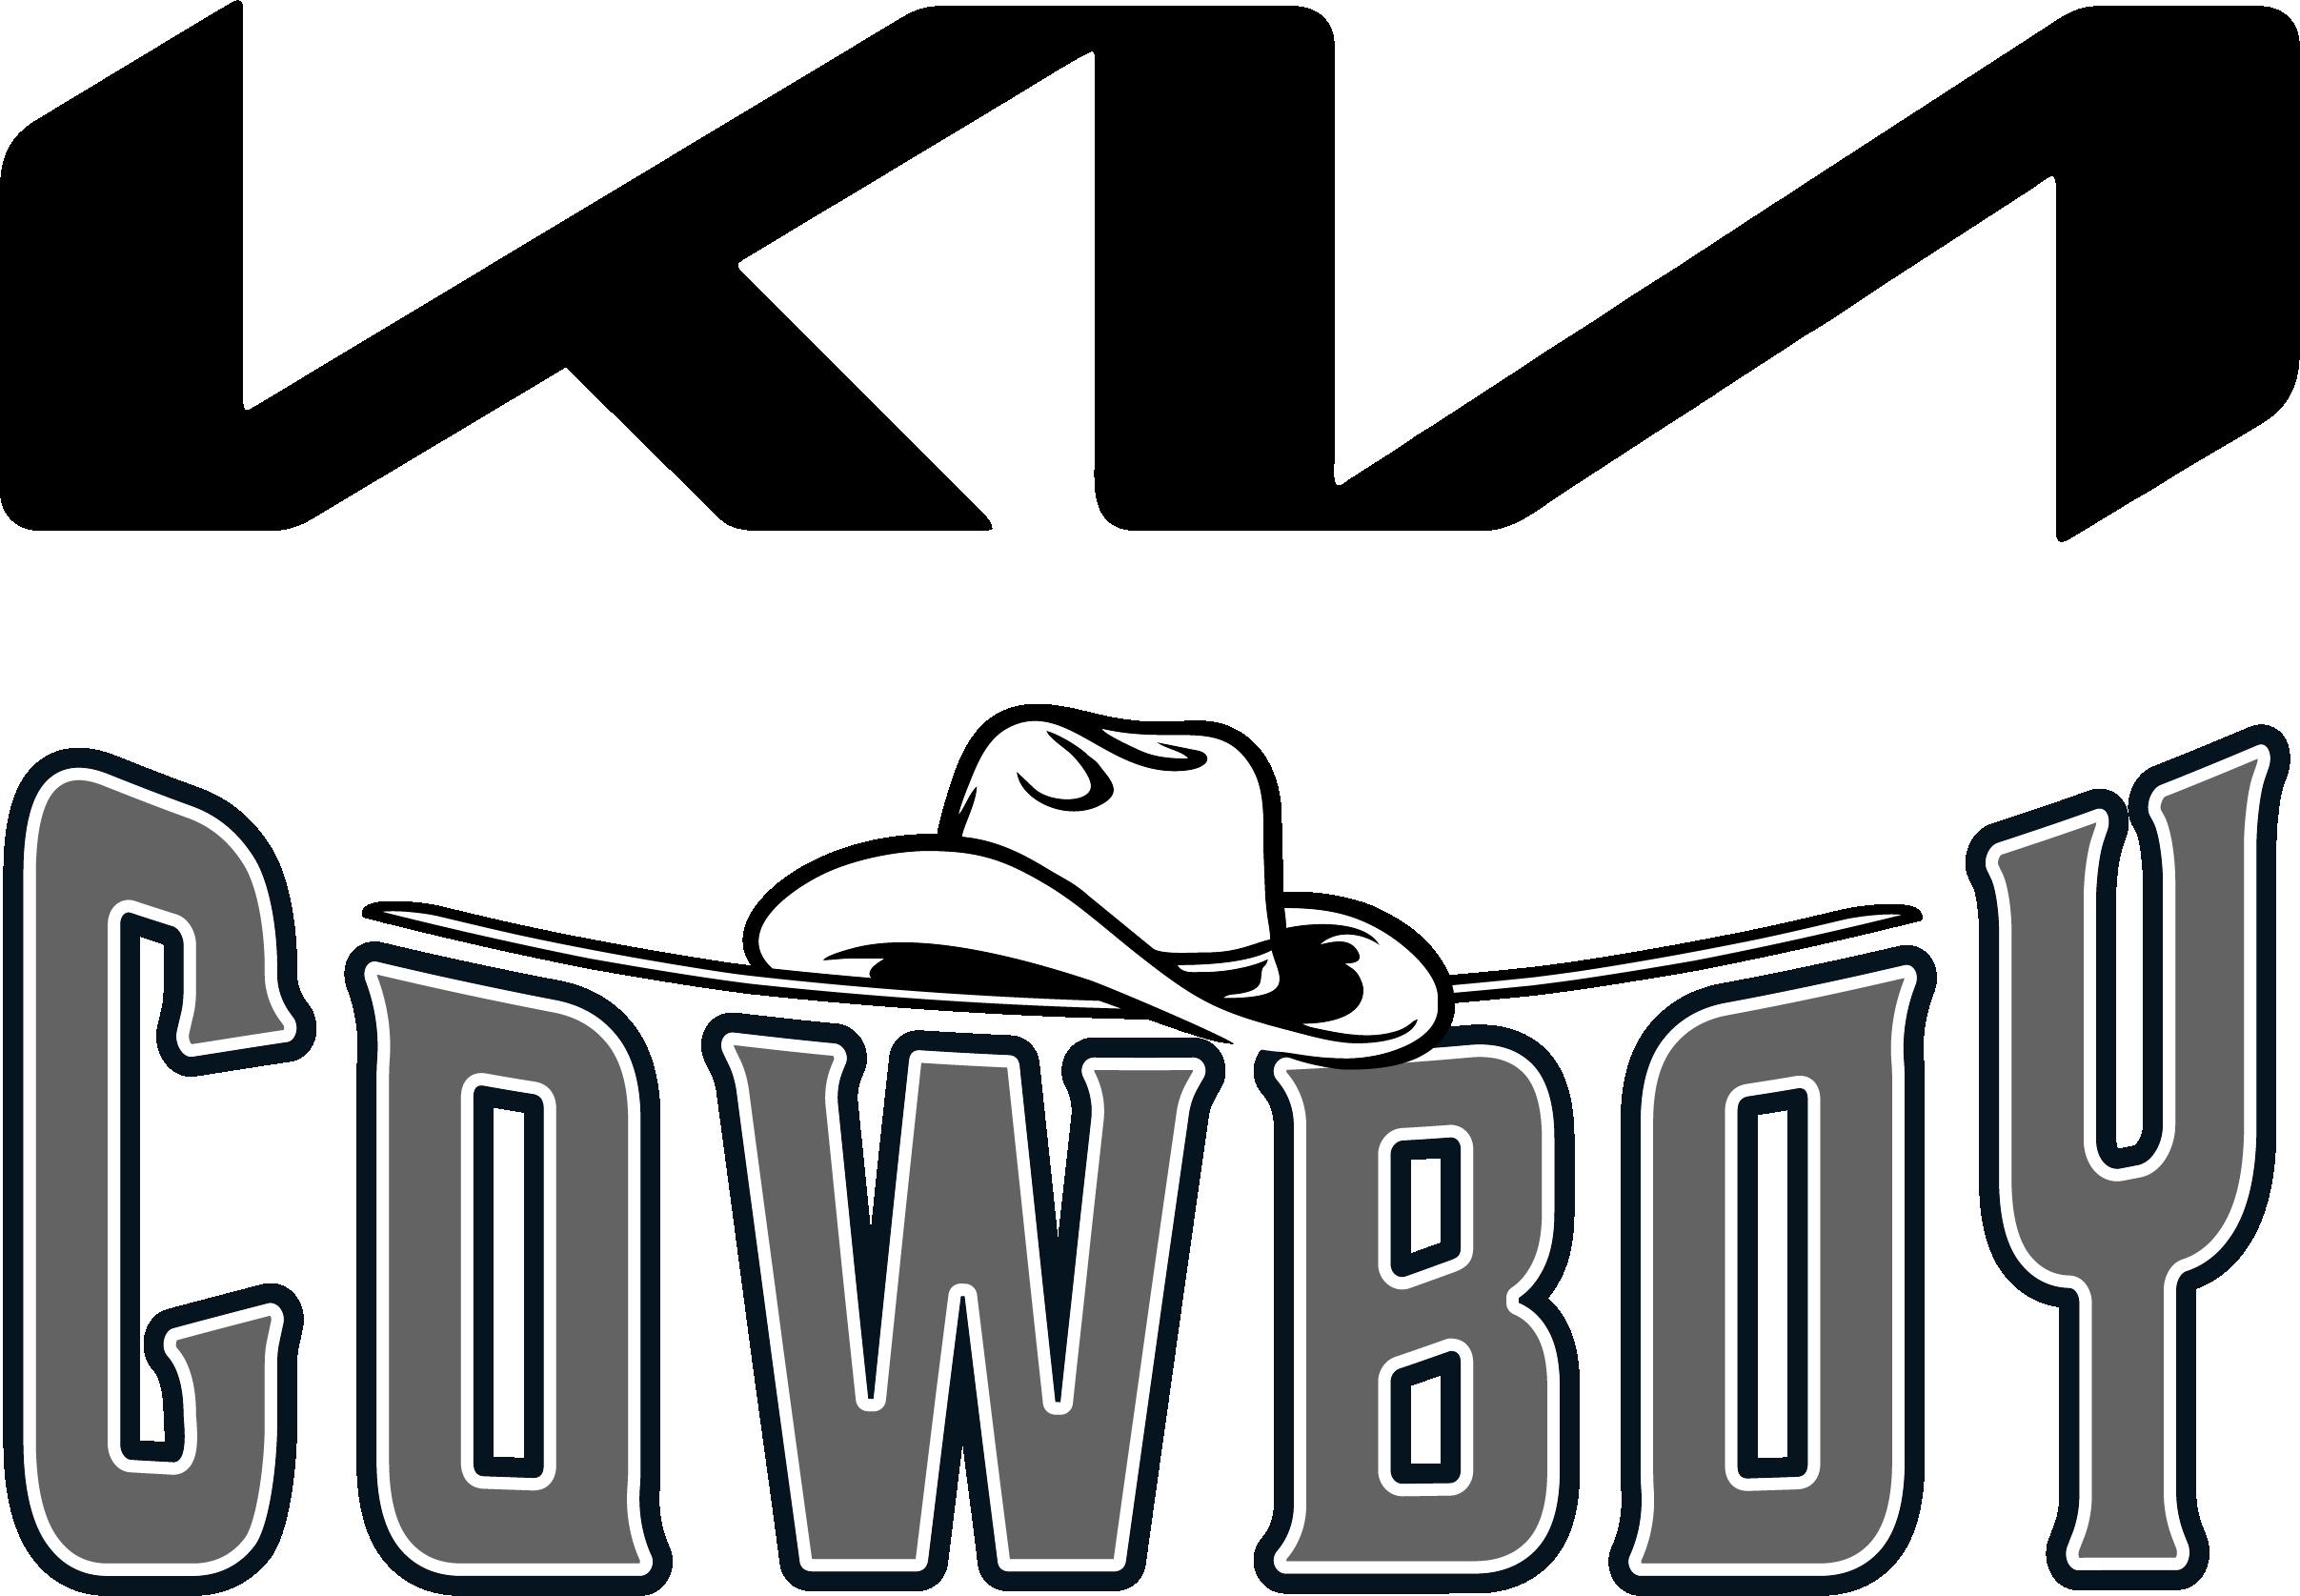 Cowboy Kia Logo